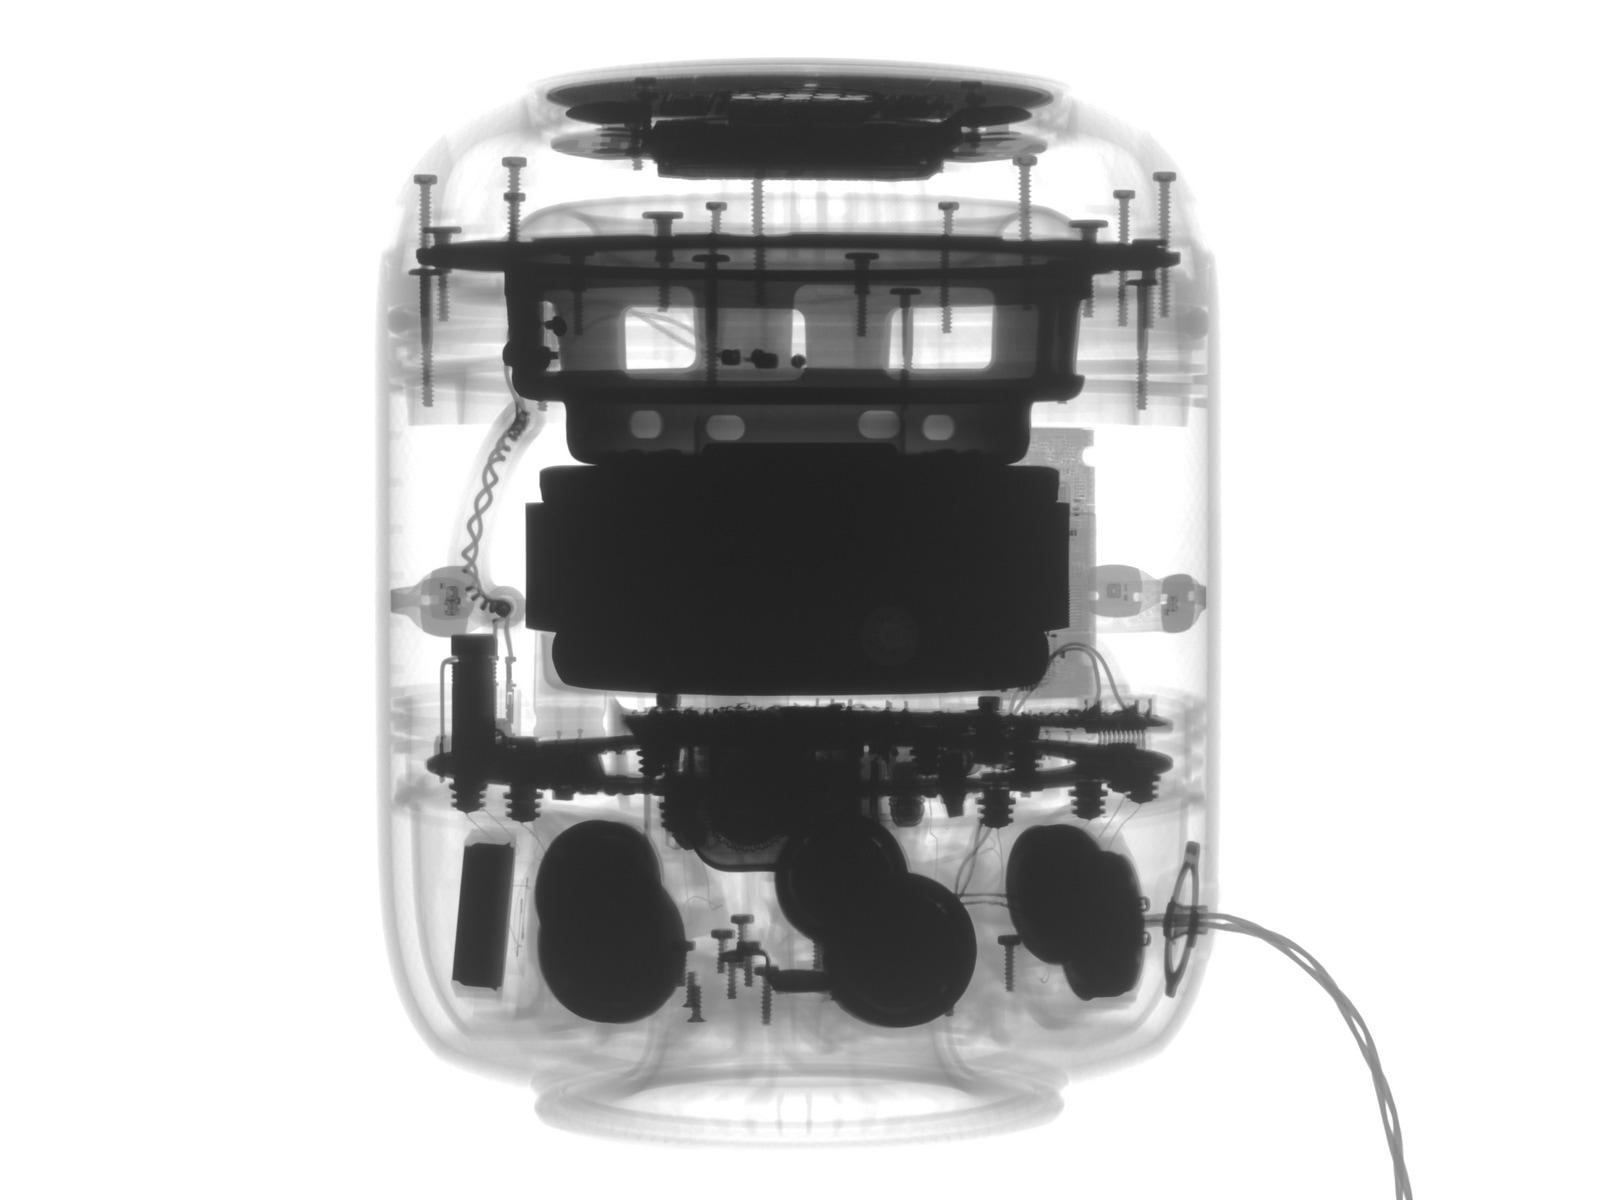 Desmontagem do HomePod feita pela iFixit